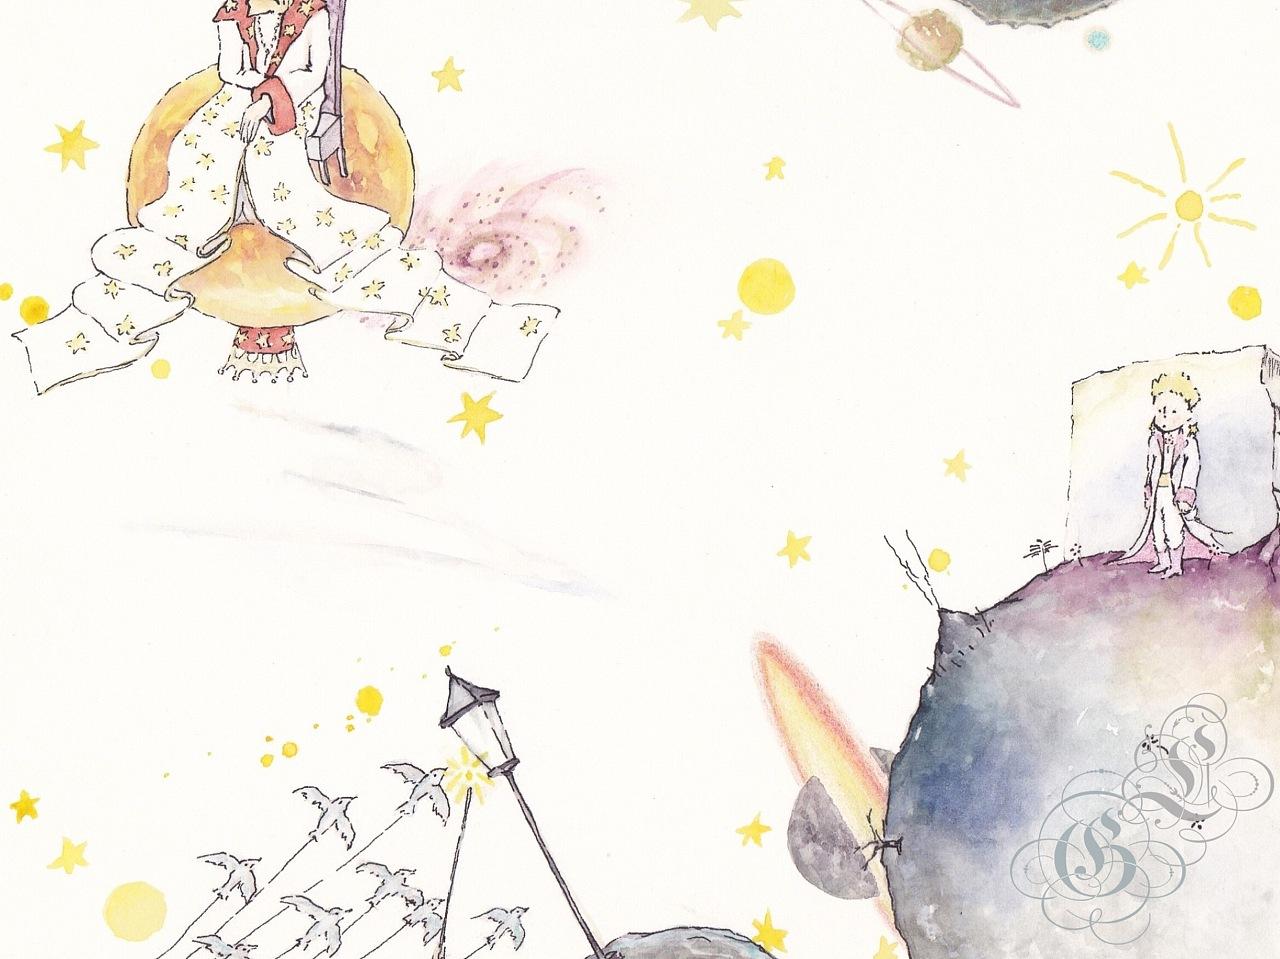 婚礼纸本水彩手绘|空间|舞台美术|西兮辫子ganymede